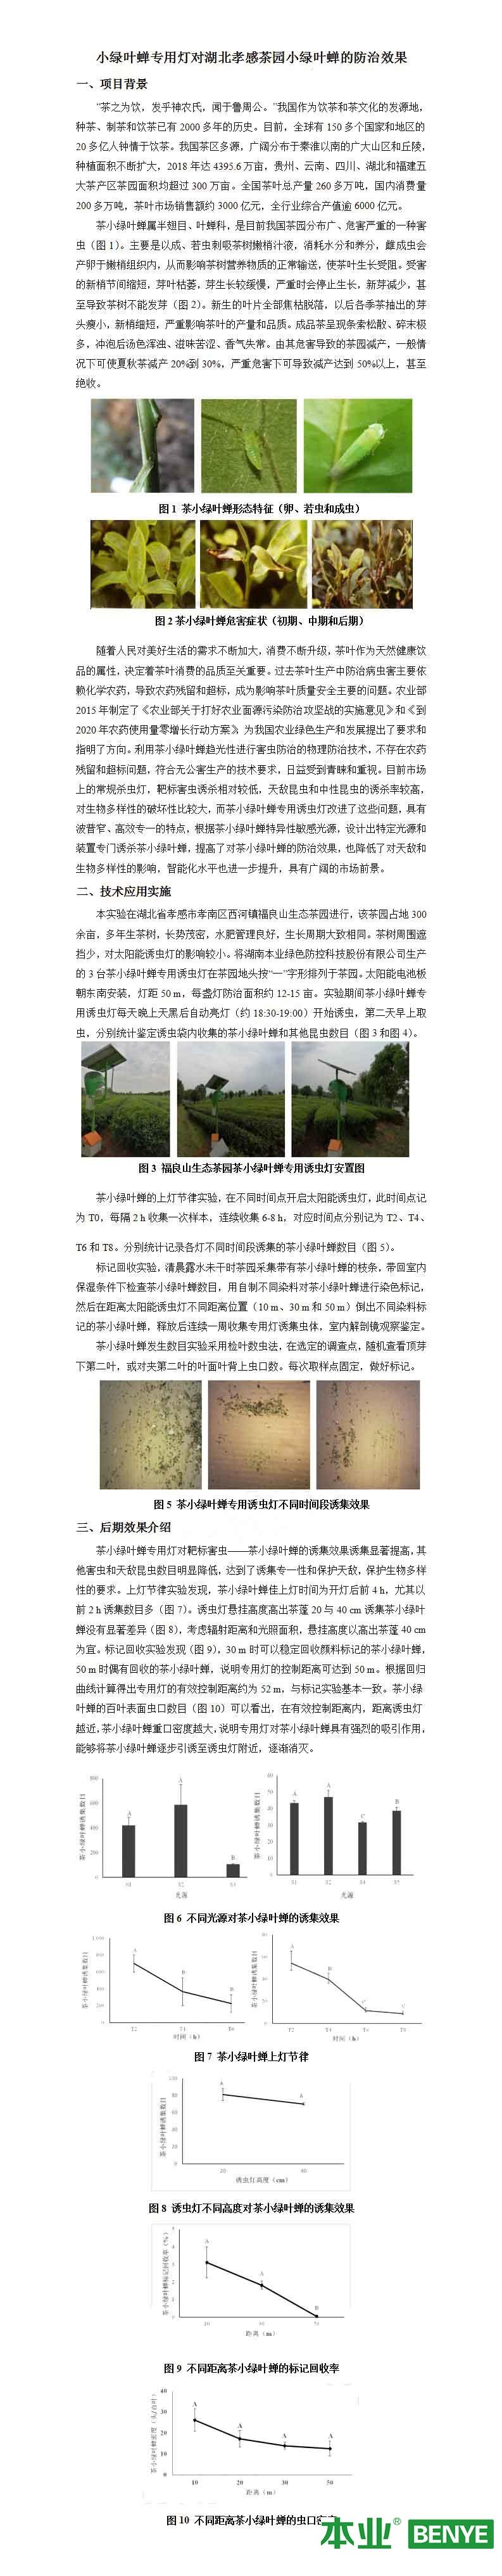 小绿叶蝉专用灯对湖北孝感茶园小绿叶蝉的防治效果